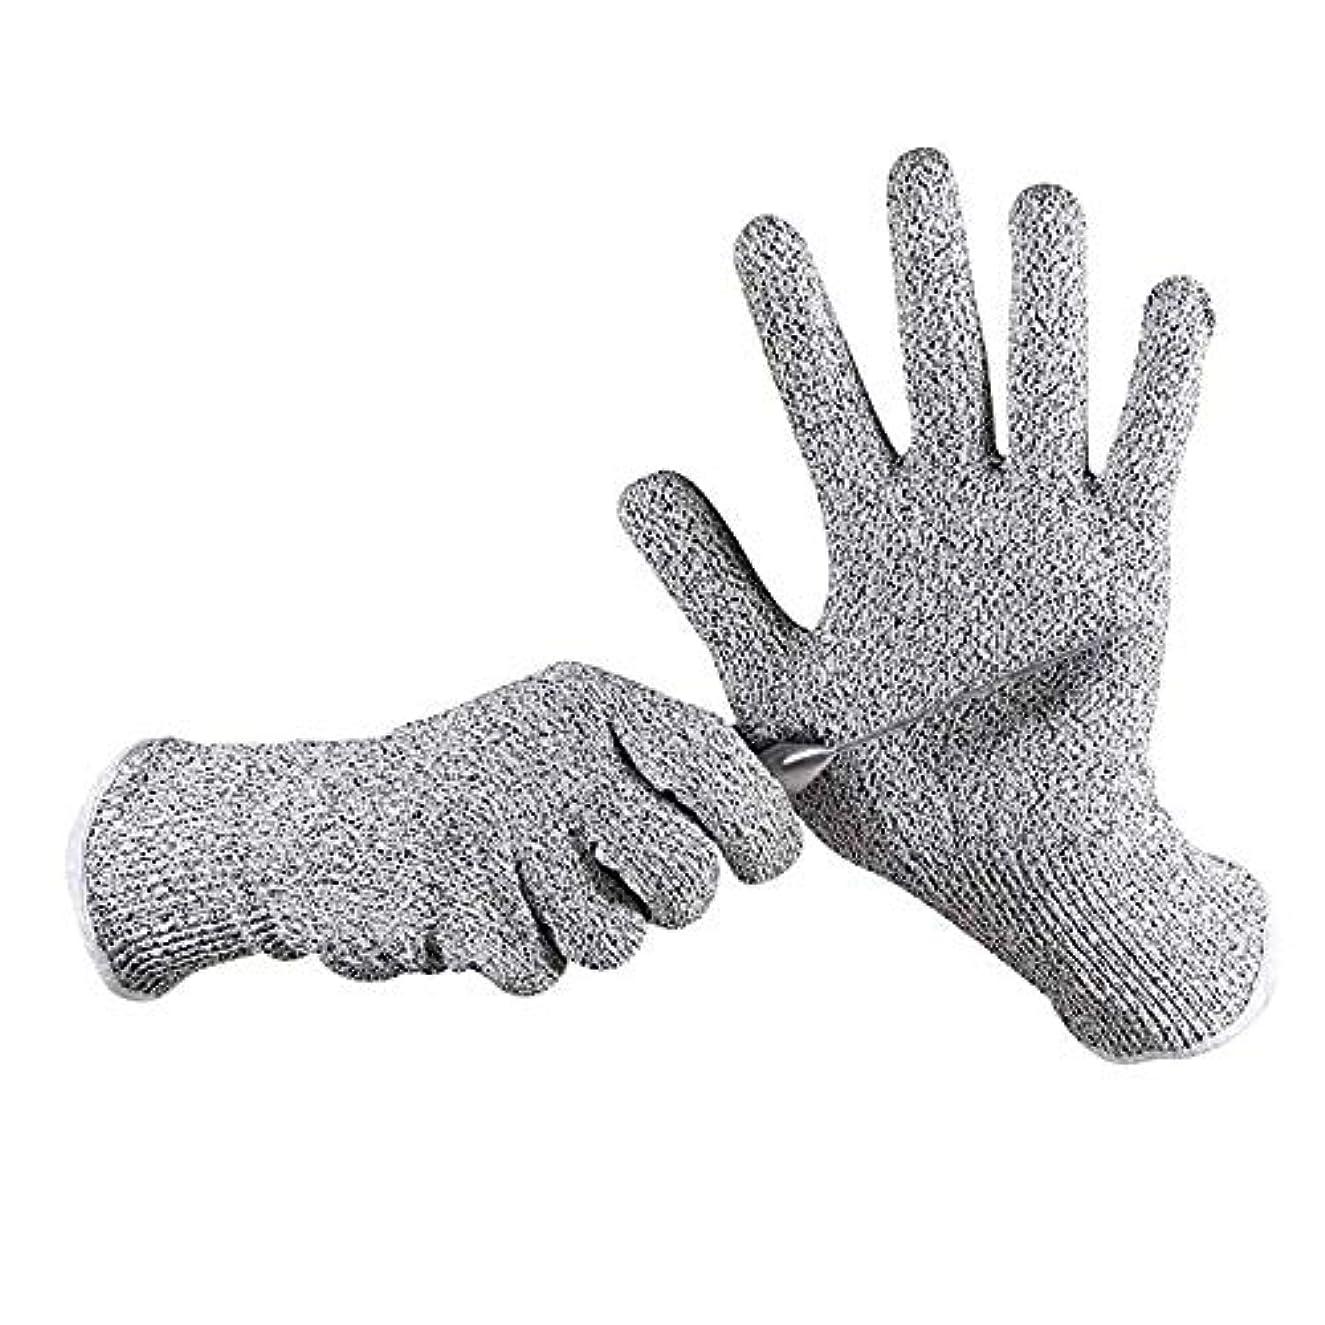 運動する花瓶インストールカット性手袋、高性能レベル5の保護、食品グレード、安全キッチン作業や園芸用手袋をカット、1ペア